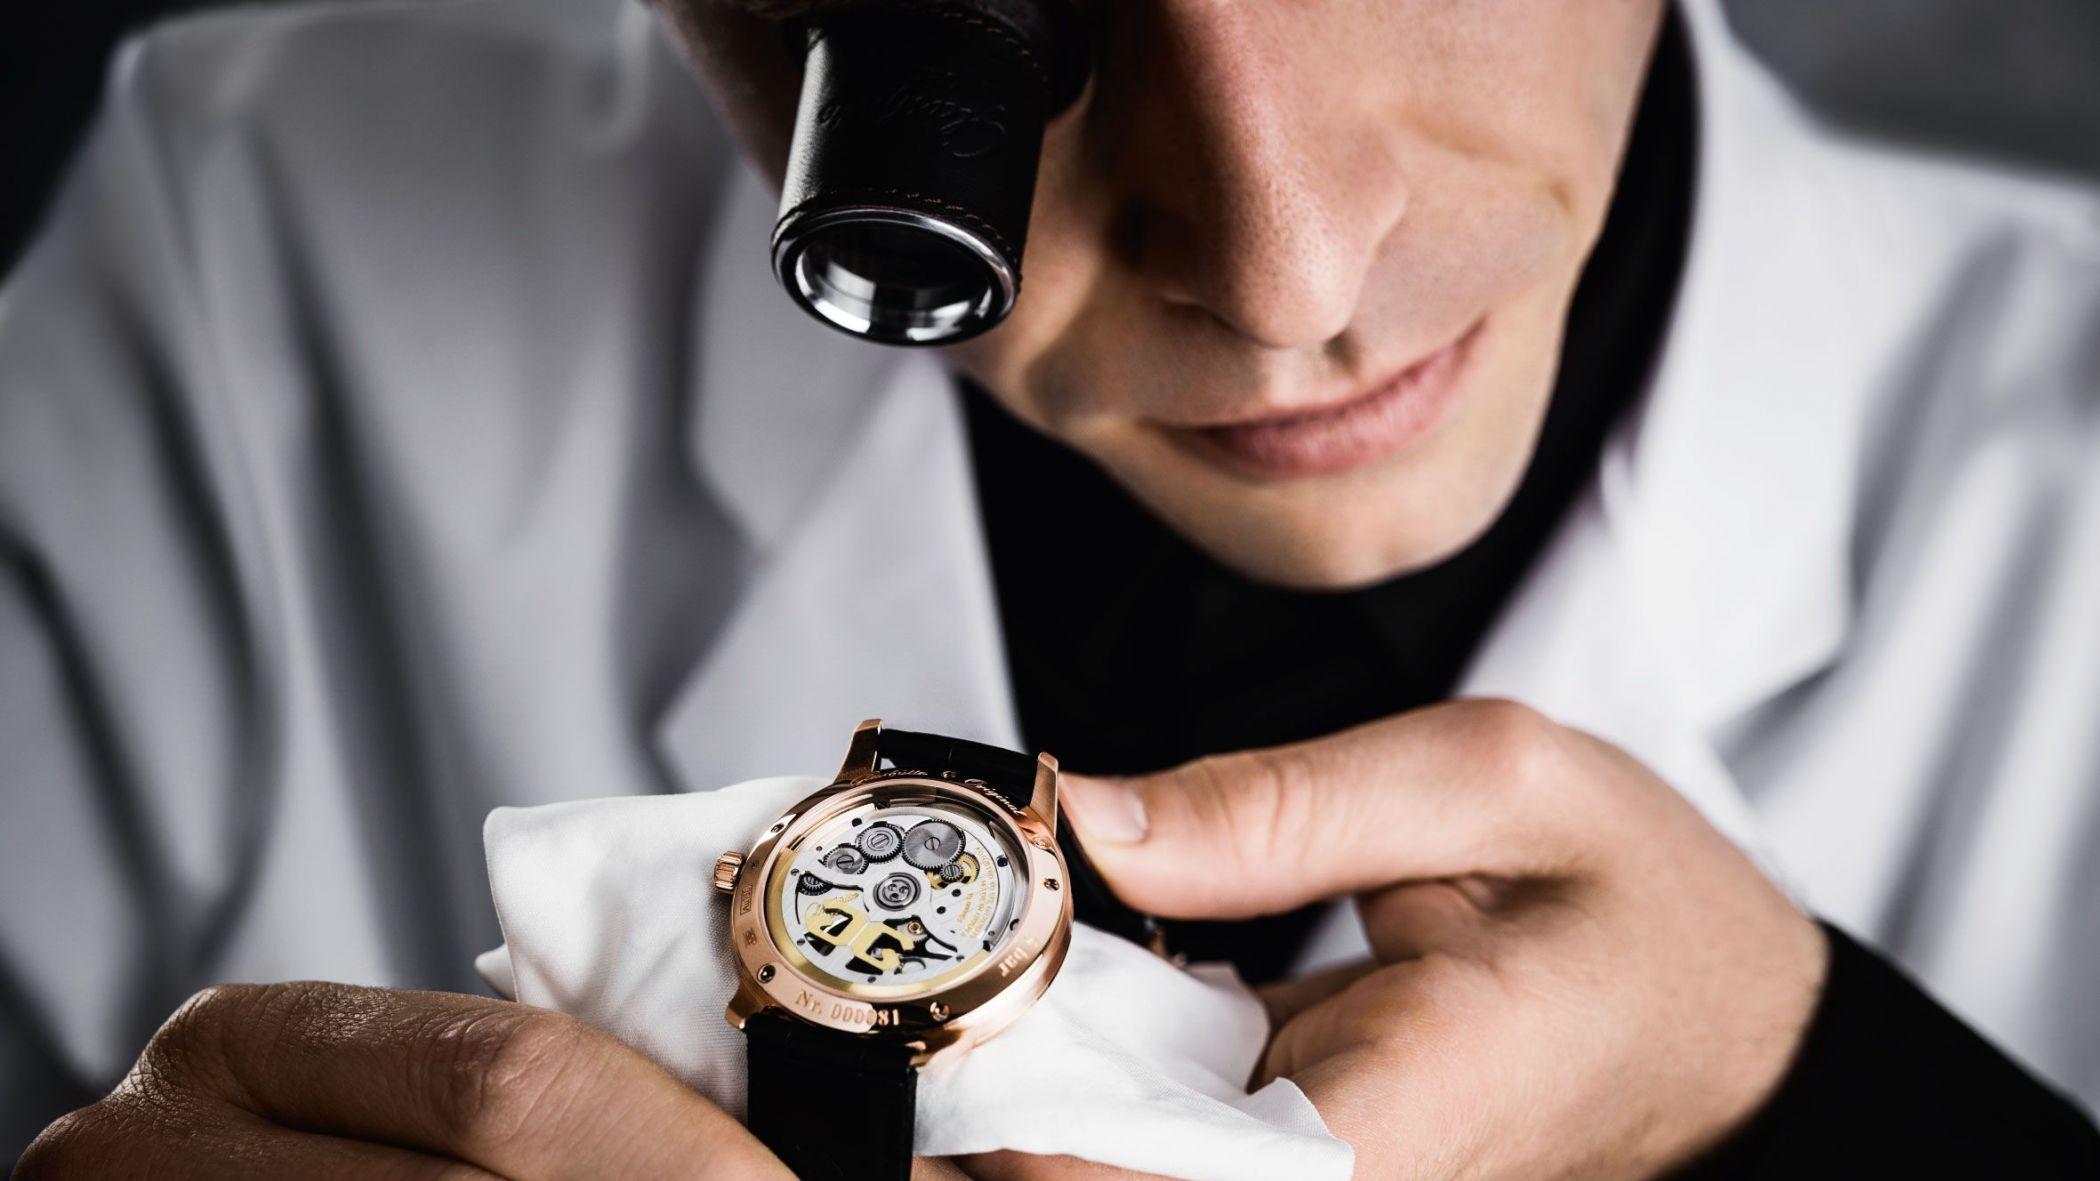 Можно челябинске часы в как продать cover стоимость часы